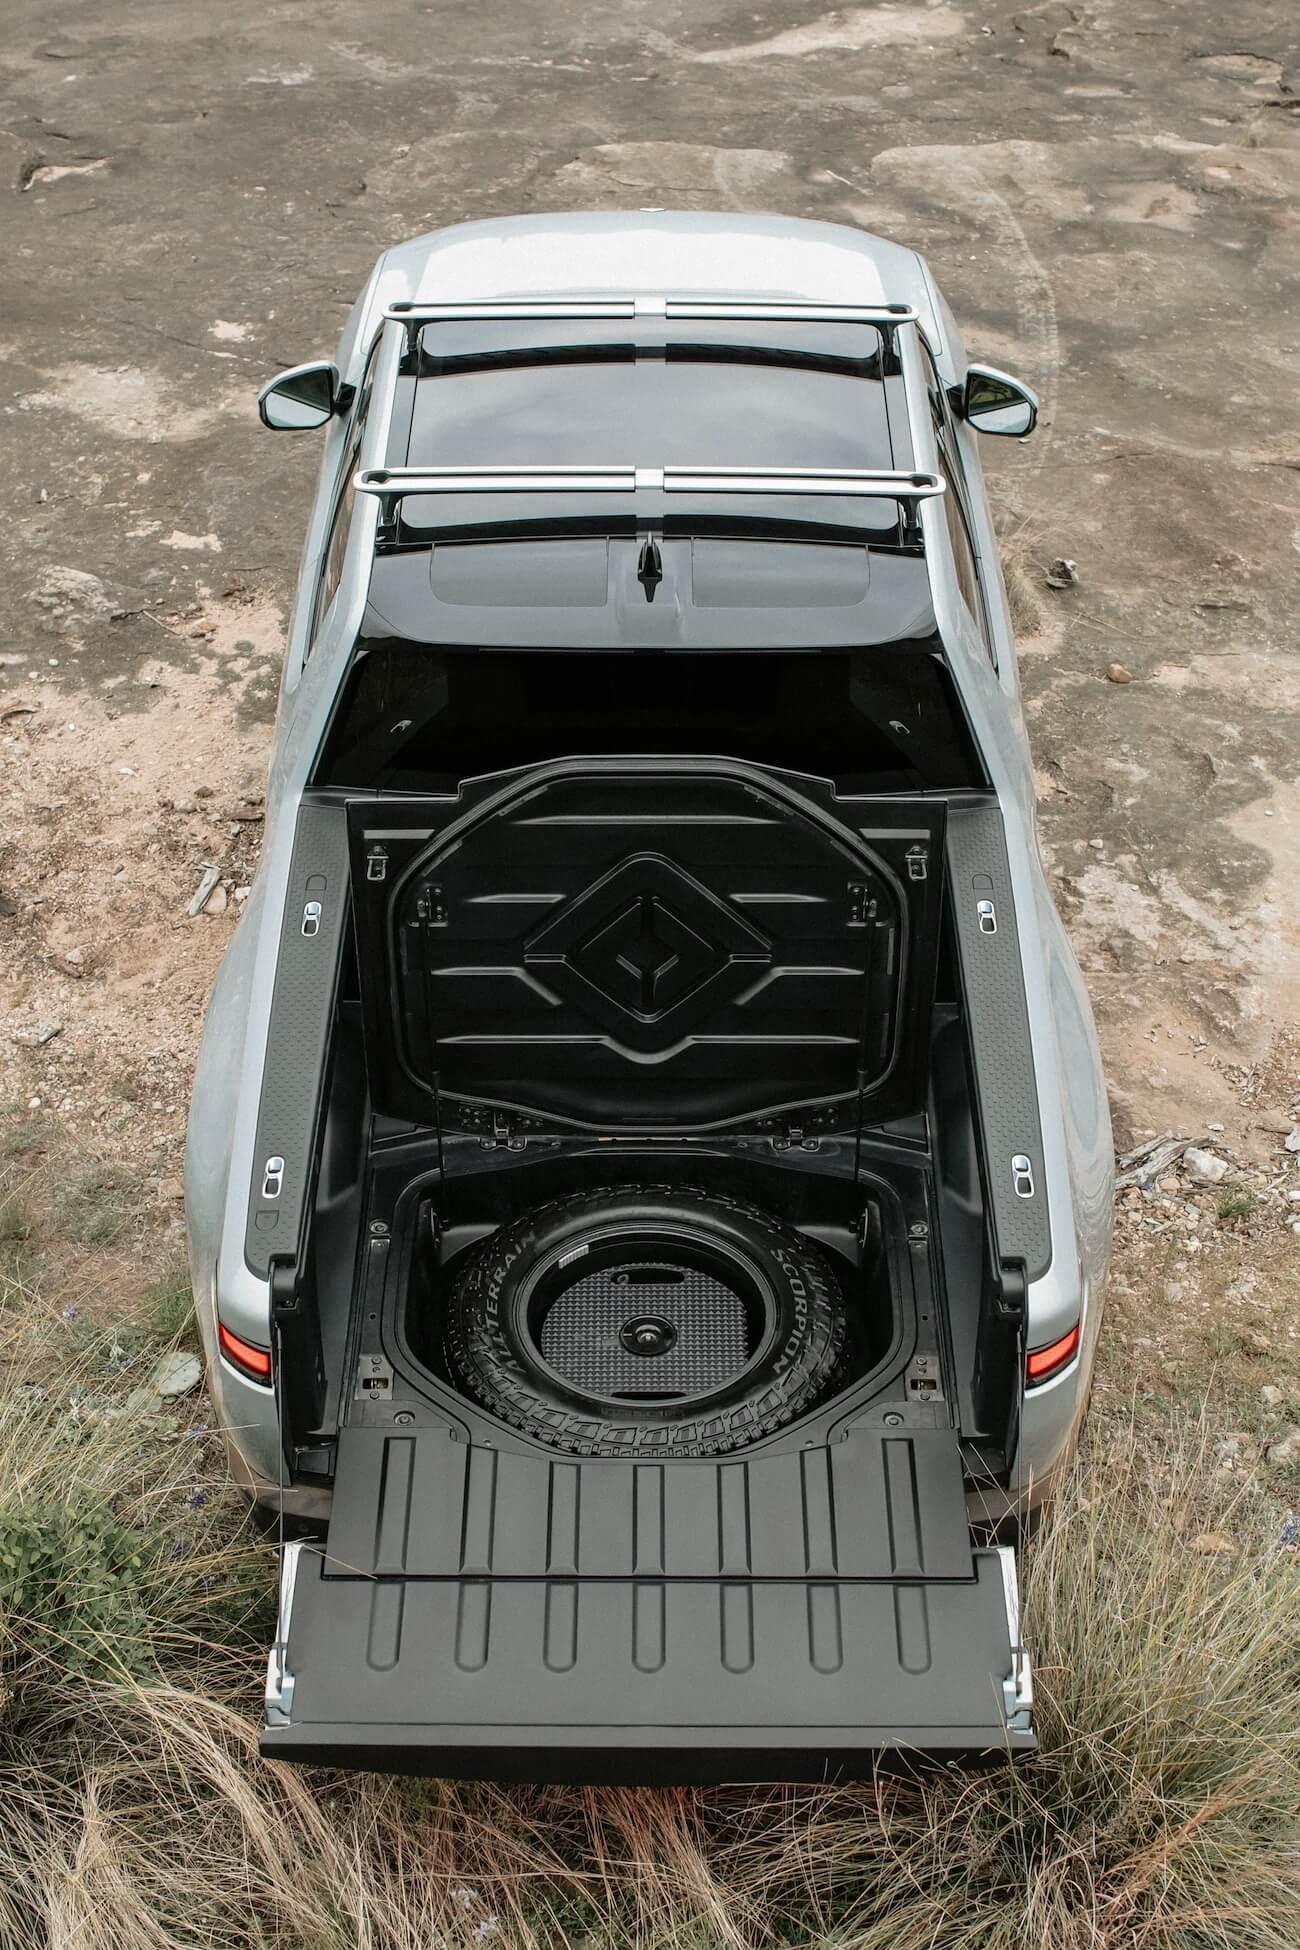 Ниша в полу груового кузова для хранения запасного колеса